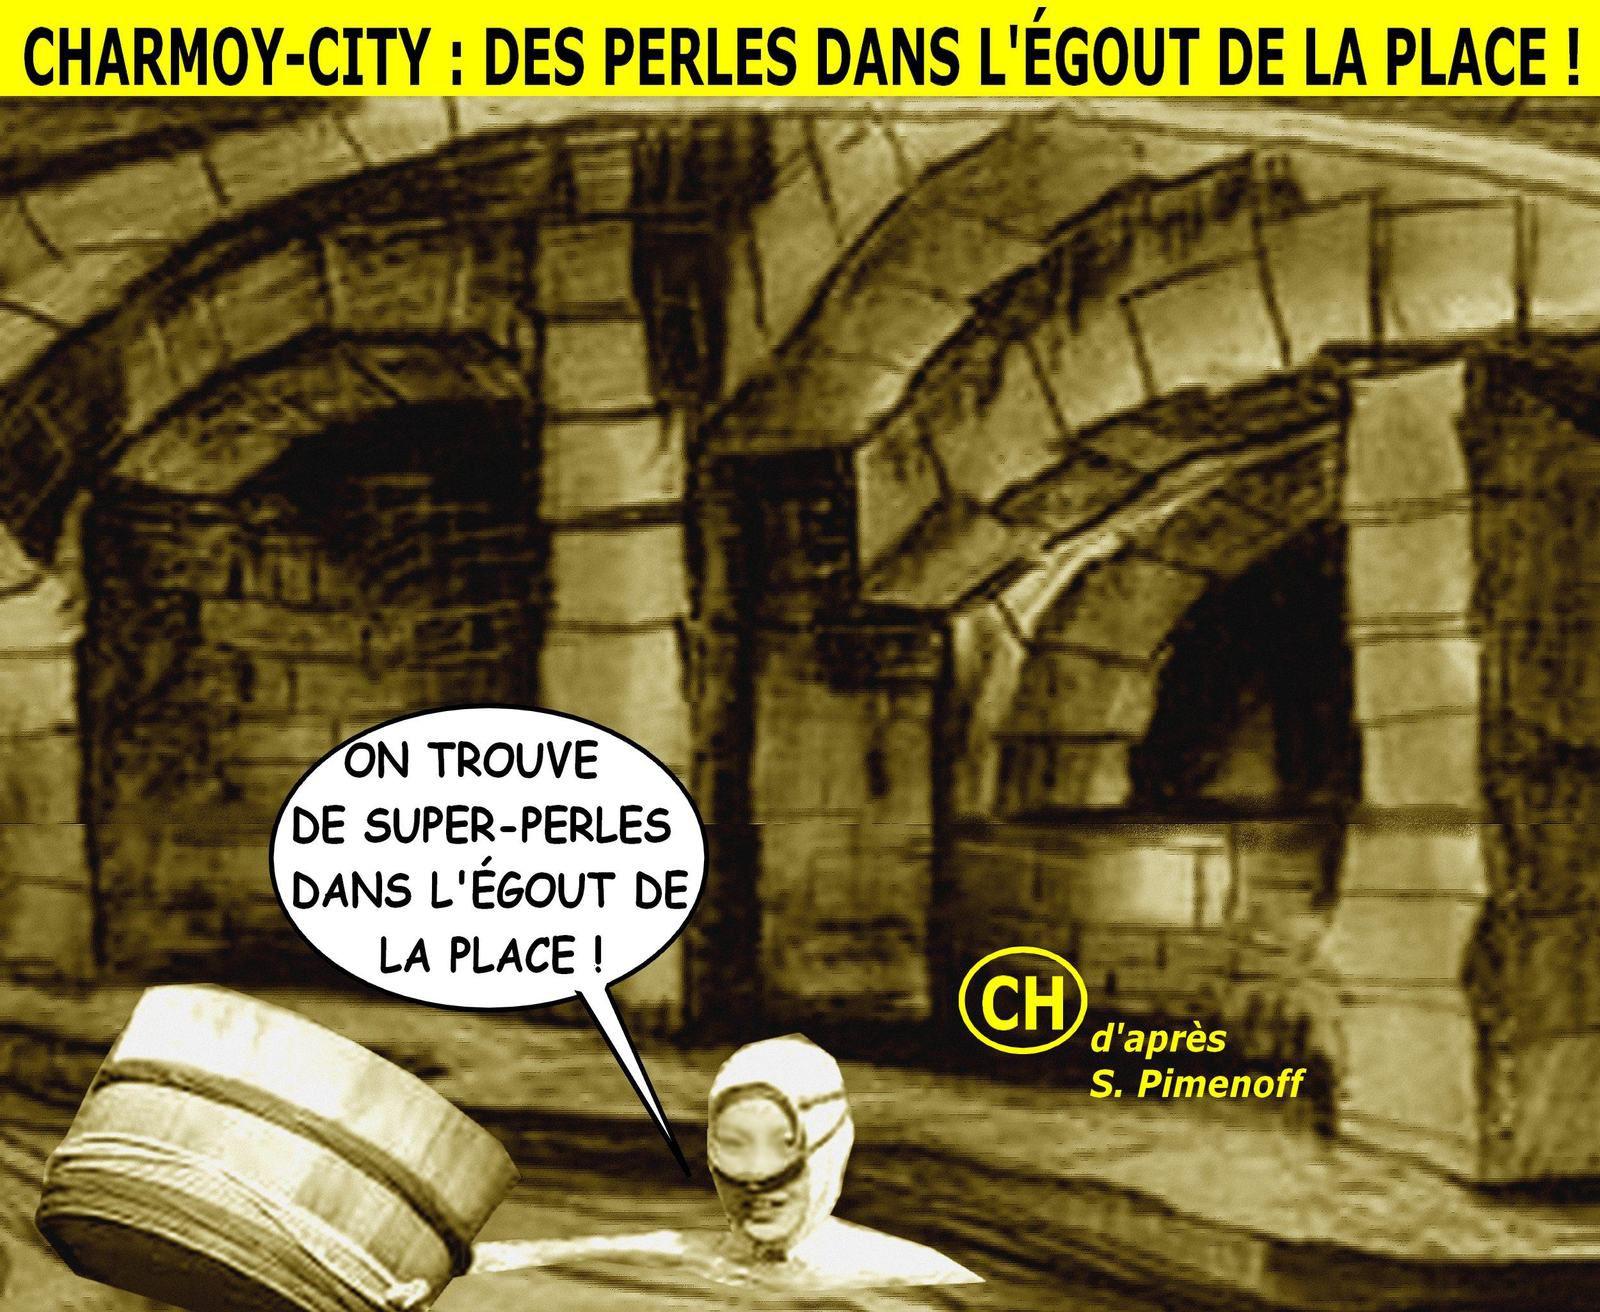 Charmoy-City, des perles dans l'égout de la place.jpg